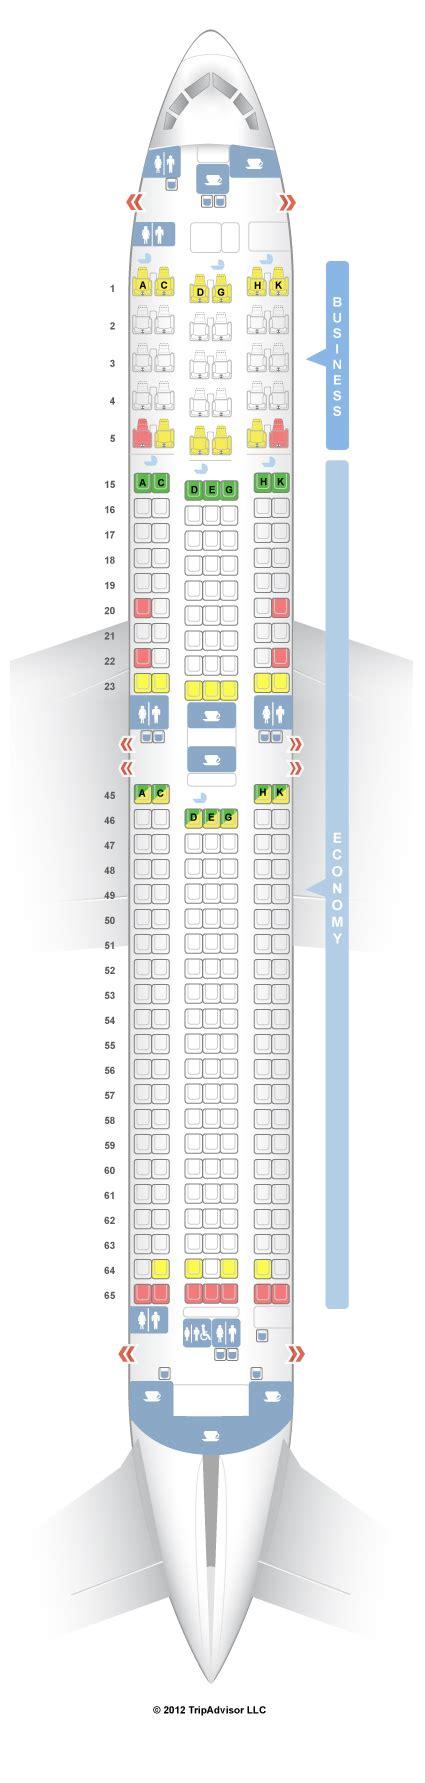 seatguru seat map japan airlines boeing 767 300er 76w v1